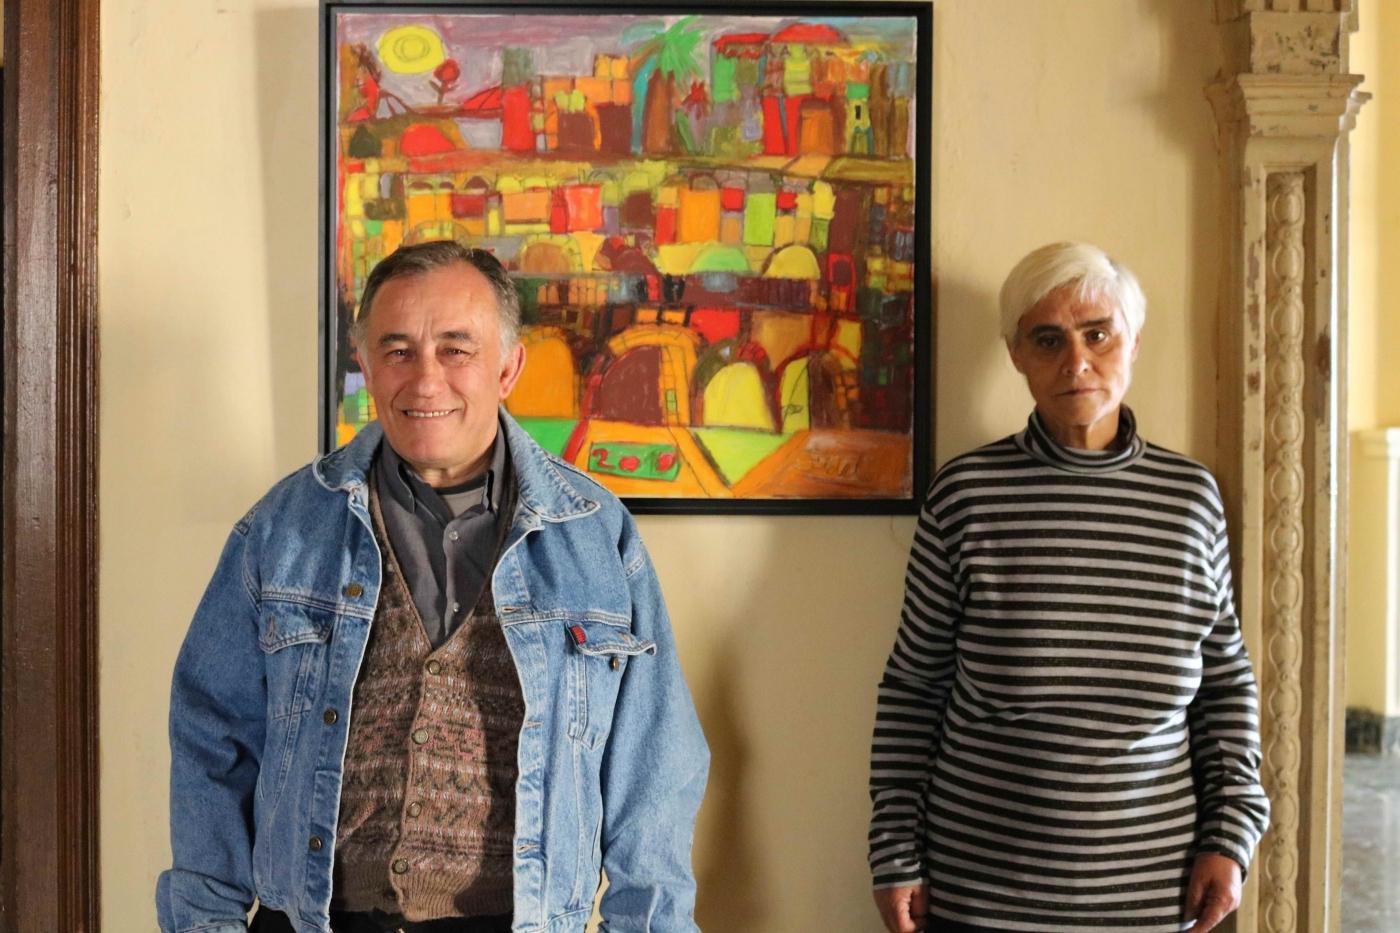 Artistes de l'Associació Alba participen a l'exposció col·lectiva Art Singular a la Casa Dalmases, impulsada per la Fundació Josep Santacreu i amb la